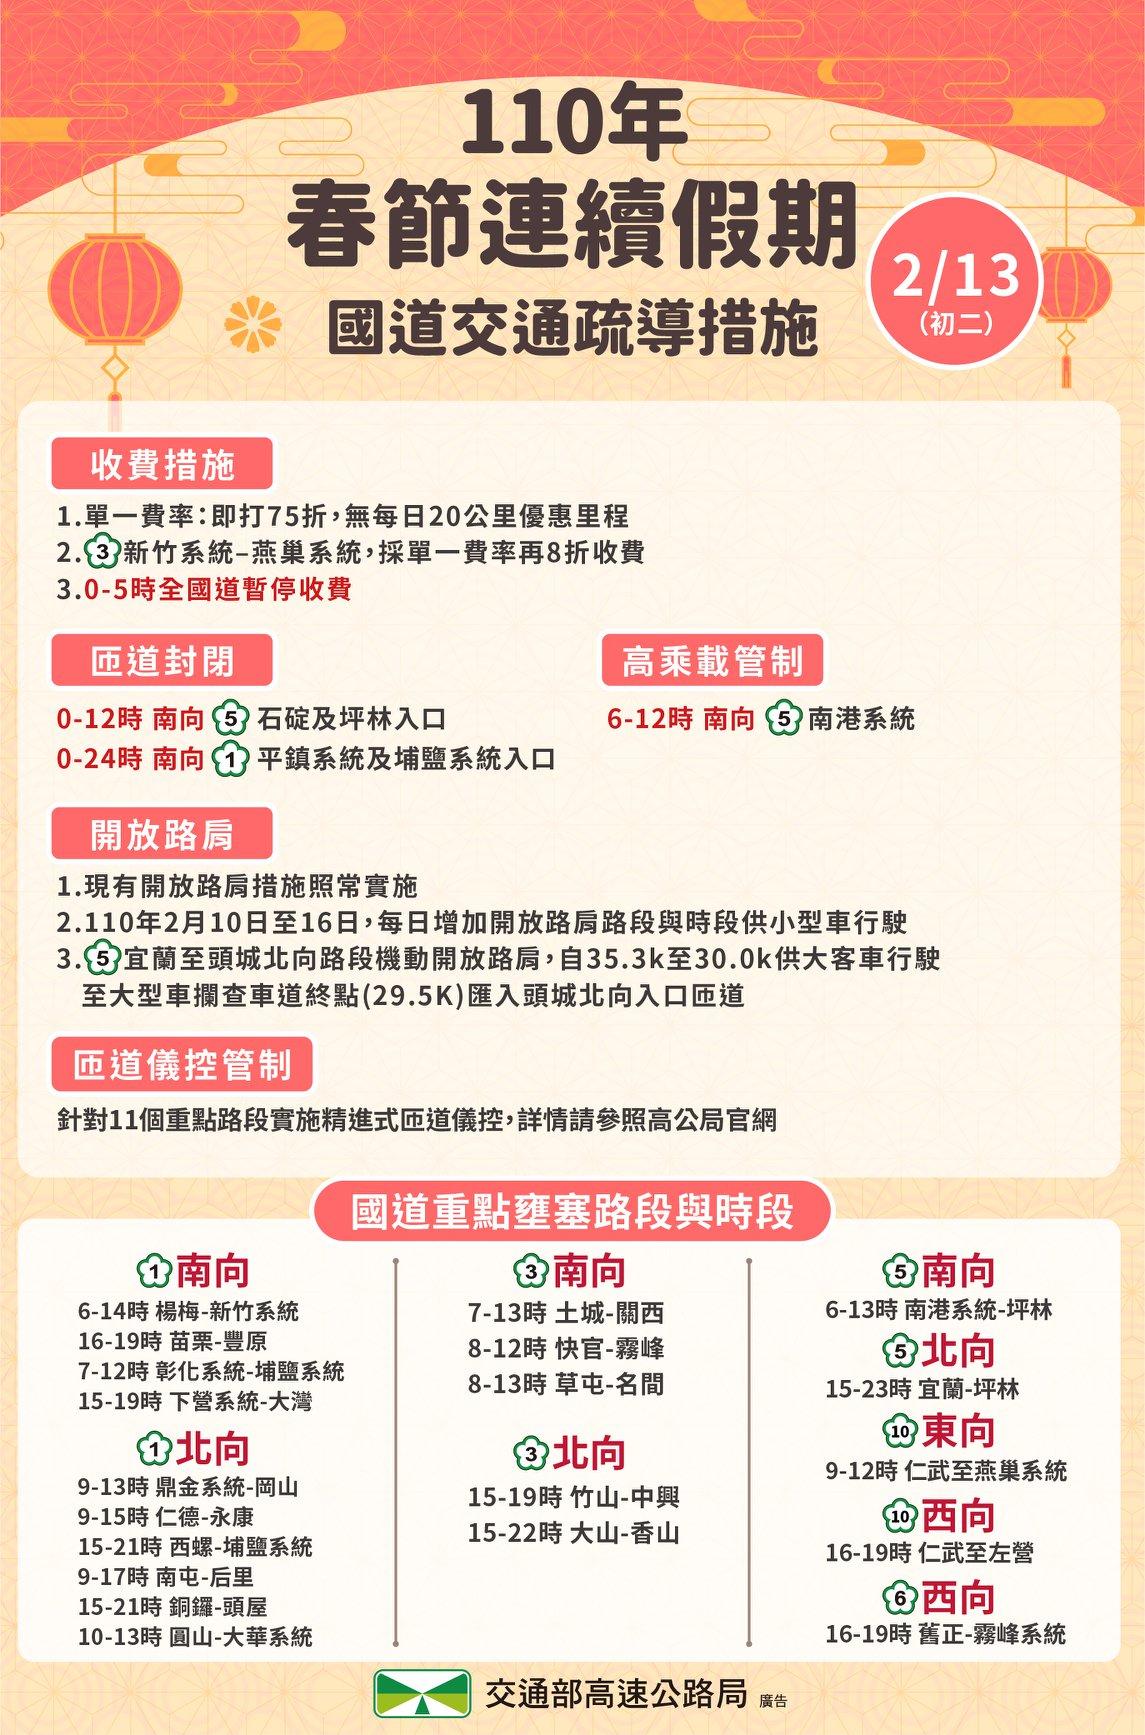 初二回娘家!交通部:台灣國道20路段恐爆塞 預估連塞8小時